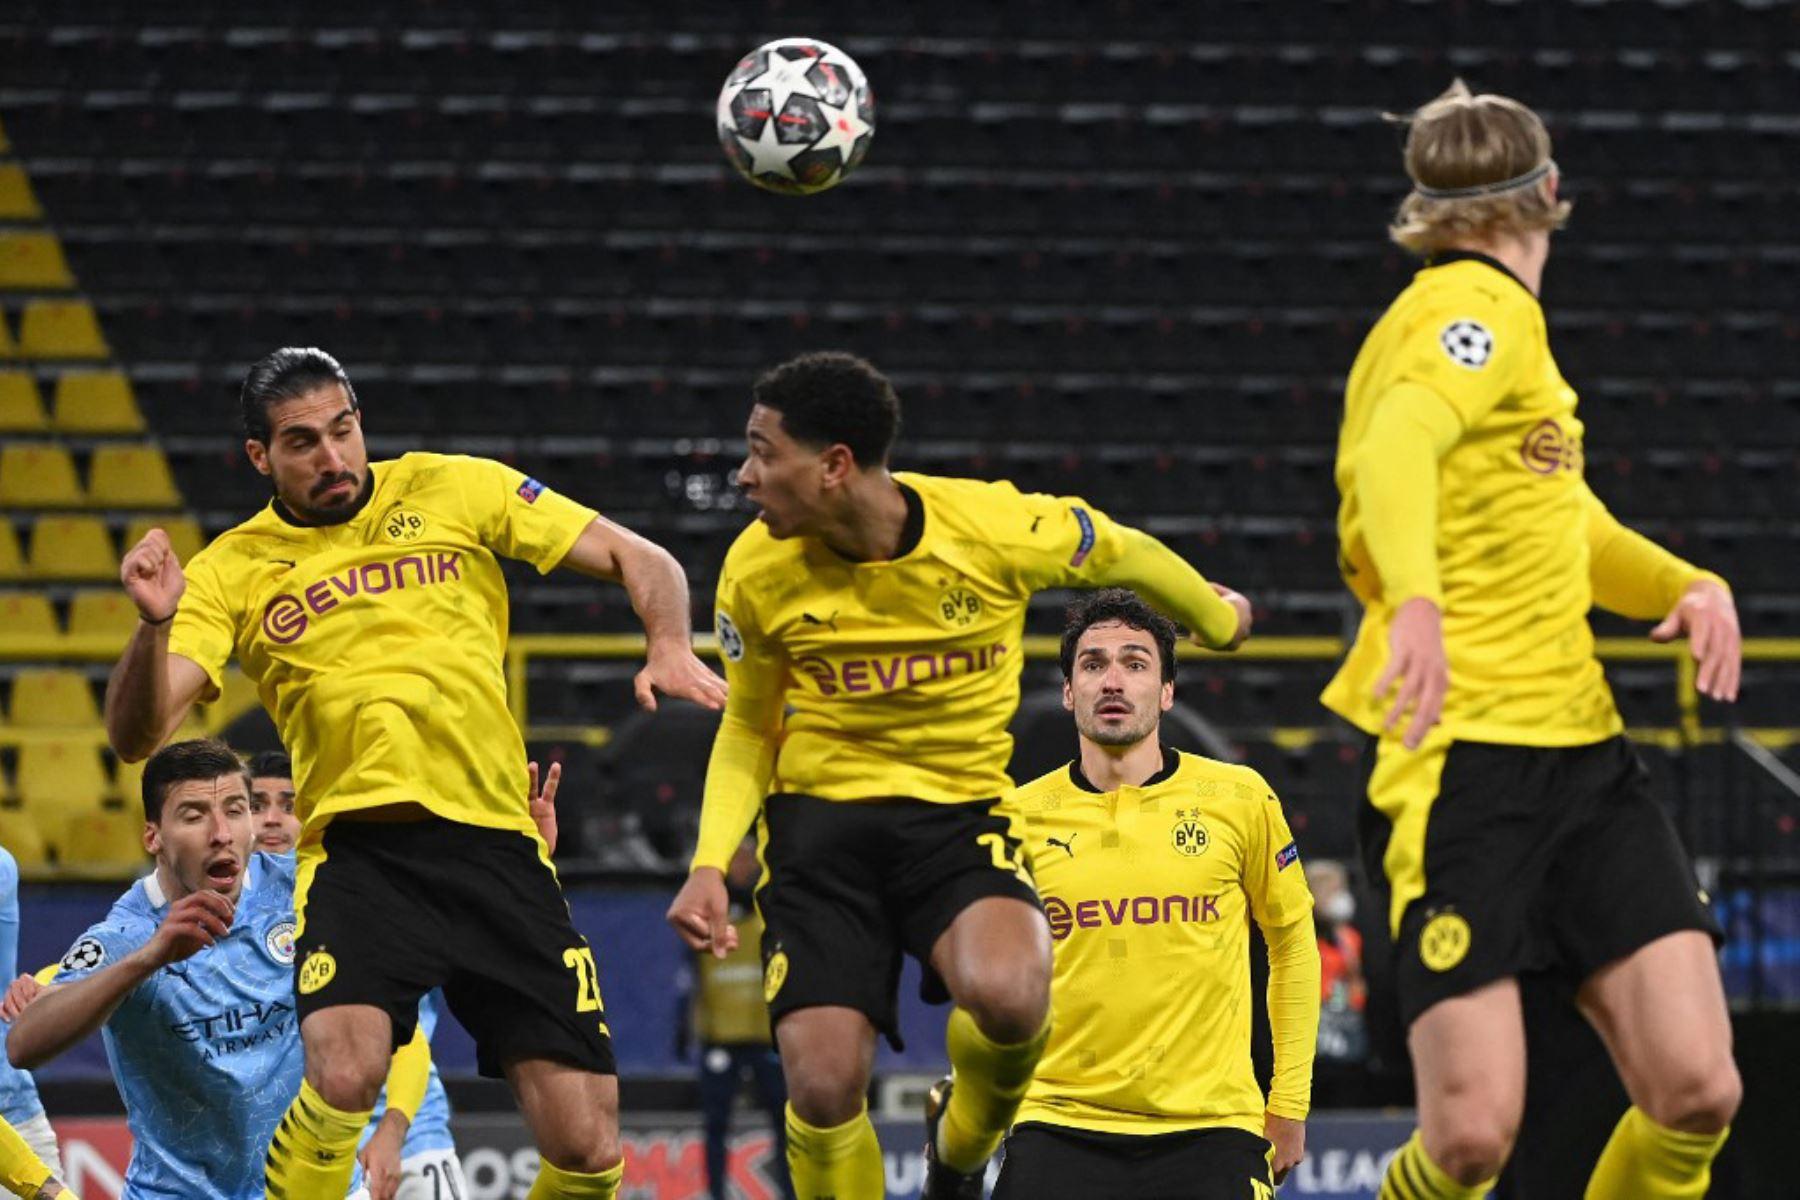 Jugadores como el mediocampista alemán del Dortmund Emre Can, el mediocampista inglés del Dortmund Jude Bellingham y el delantero noruego del Dortmund Erling Braut Haaland saltan de cabeza durante un saque de esquina durante los cuartos de final de la Liga de Campeones de la UEFA en el segundo partido de fútbol entre el BVB Borussia Dortmund y el Manchester City en Dortmund.  Foto: AFP